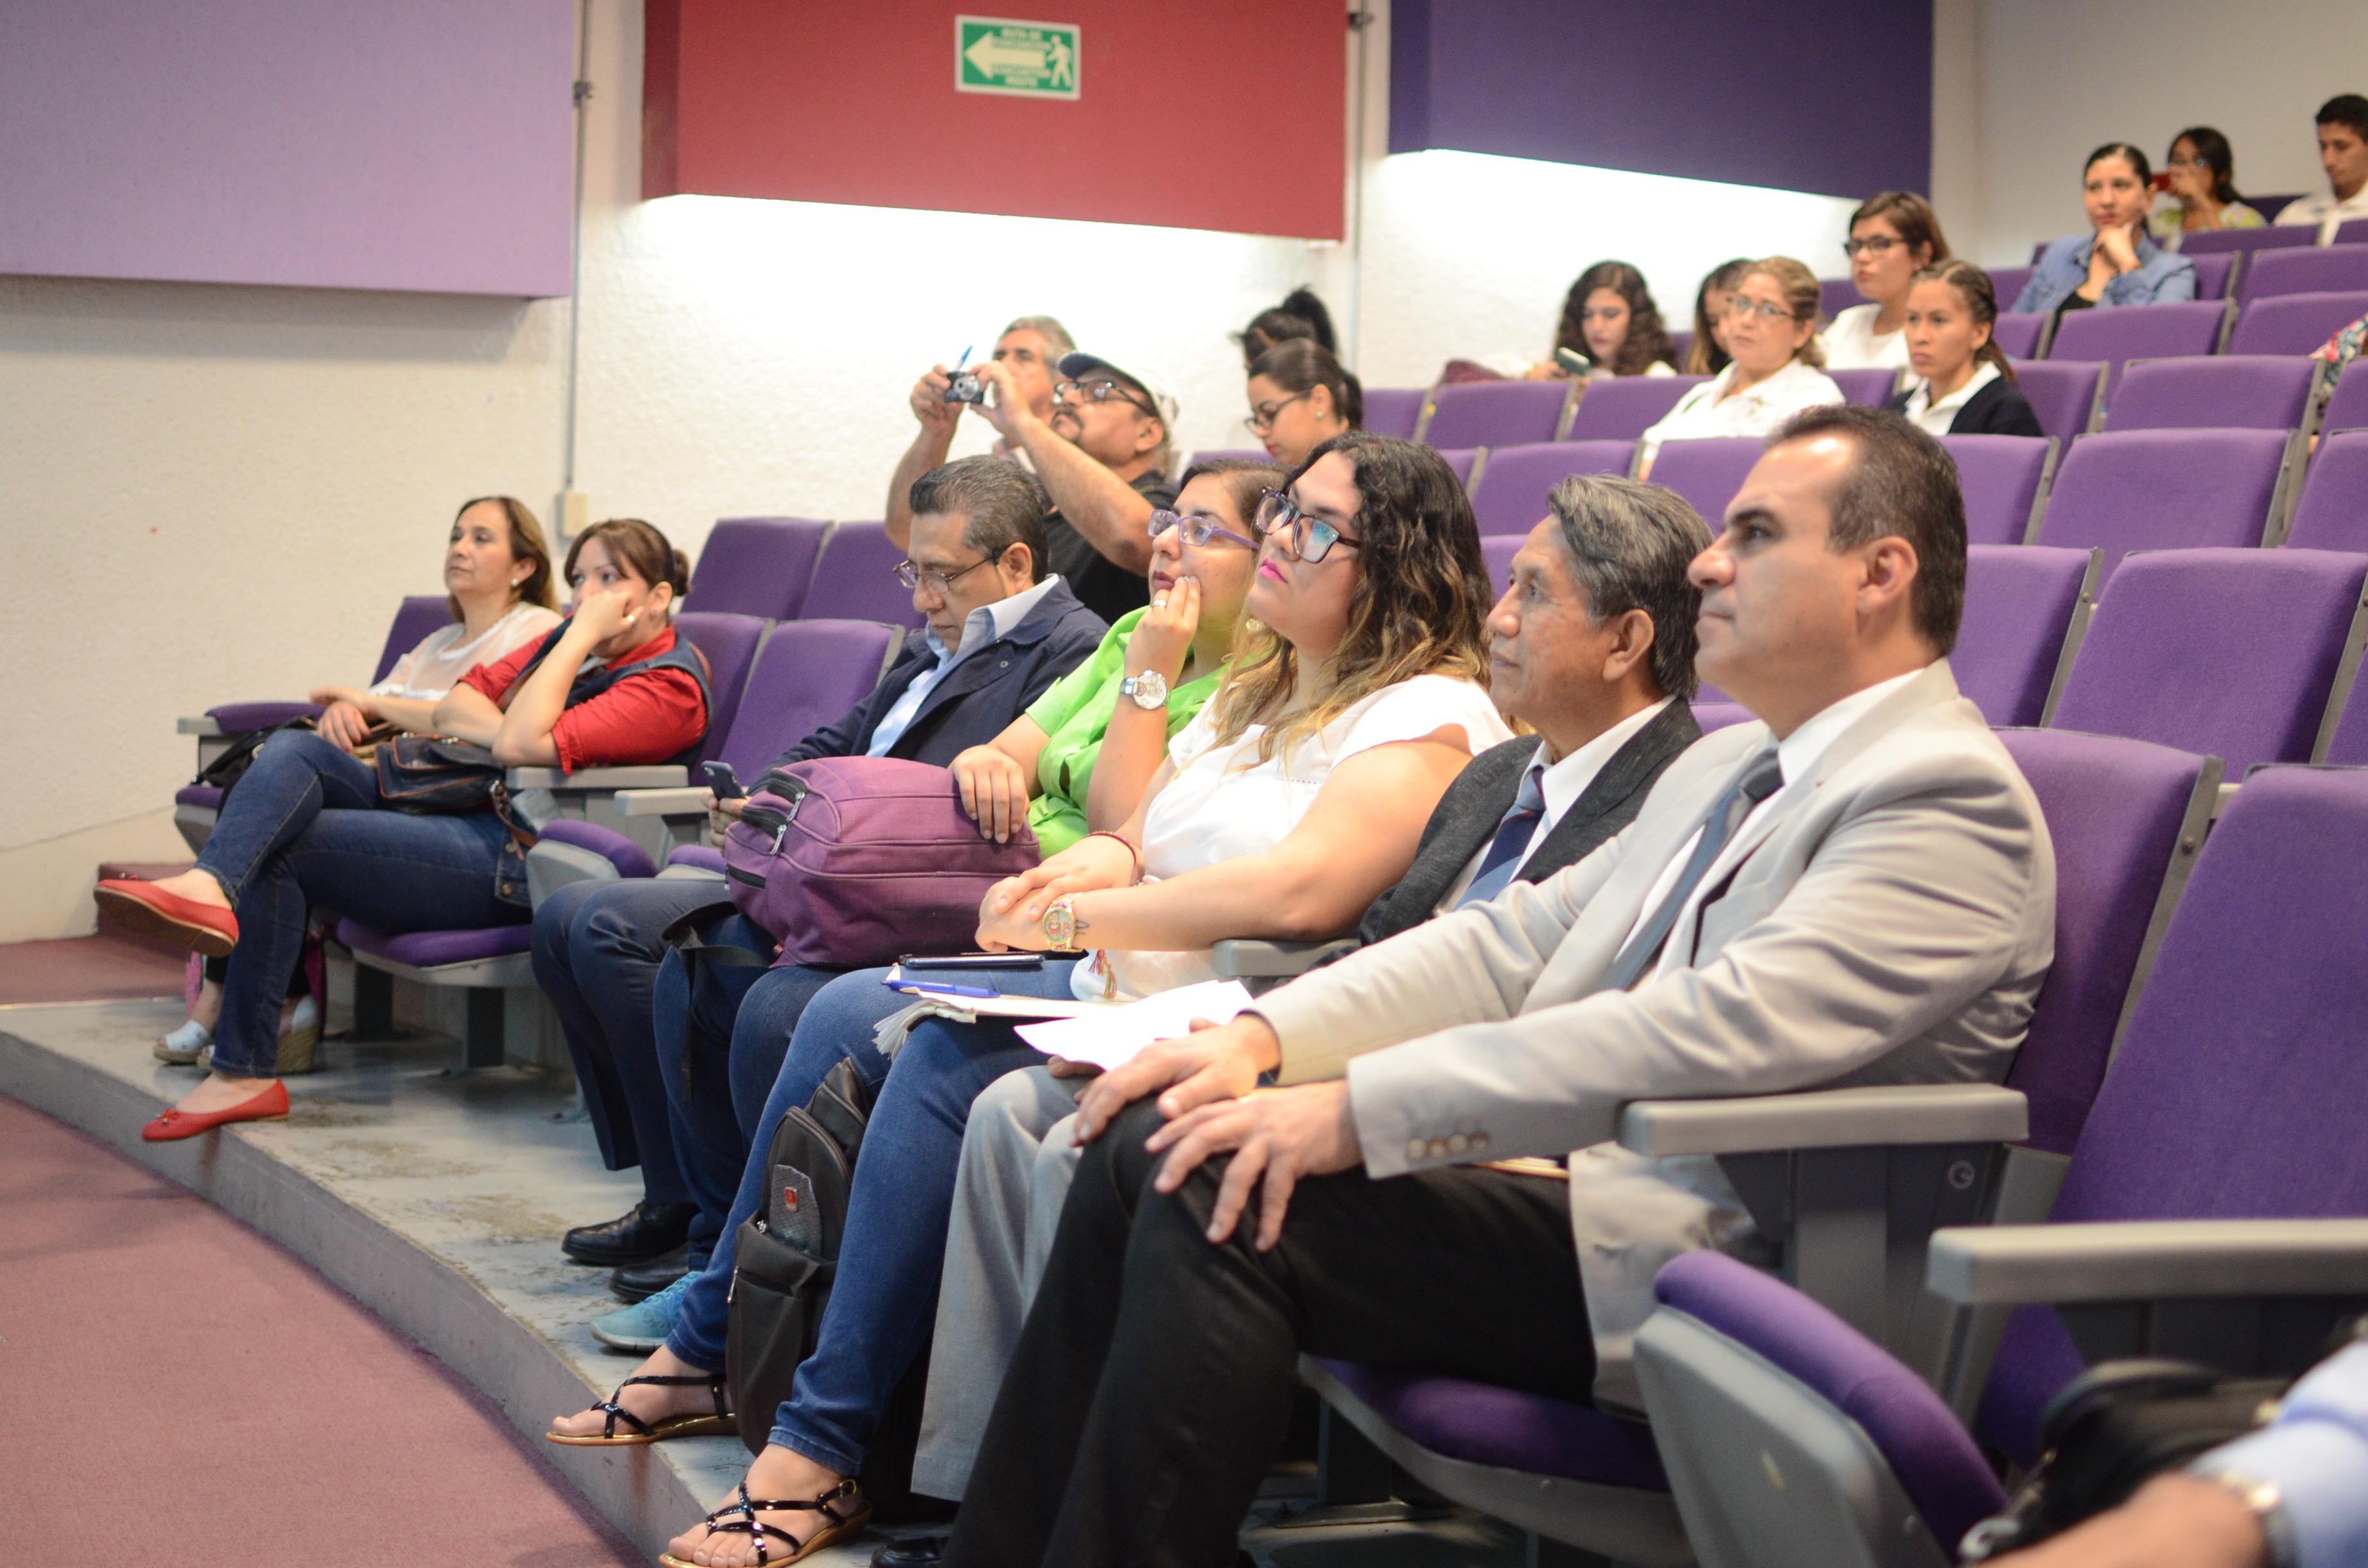 Funcionarios, académicos y alumnos presentes en la conferencia